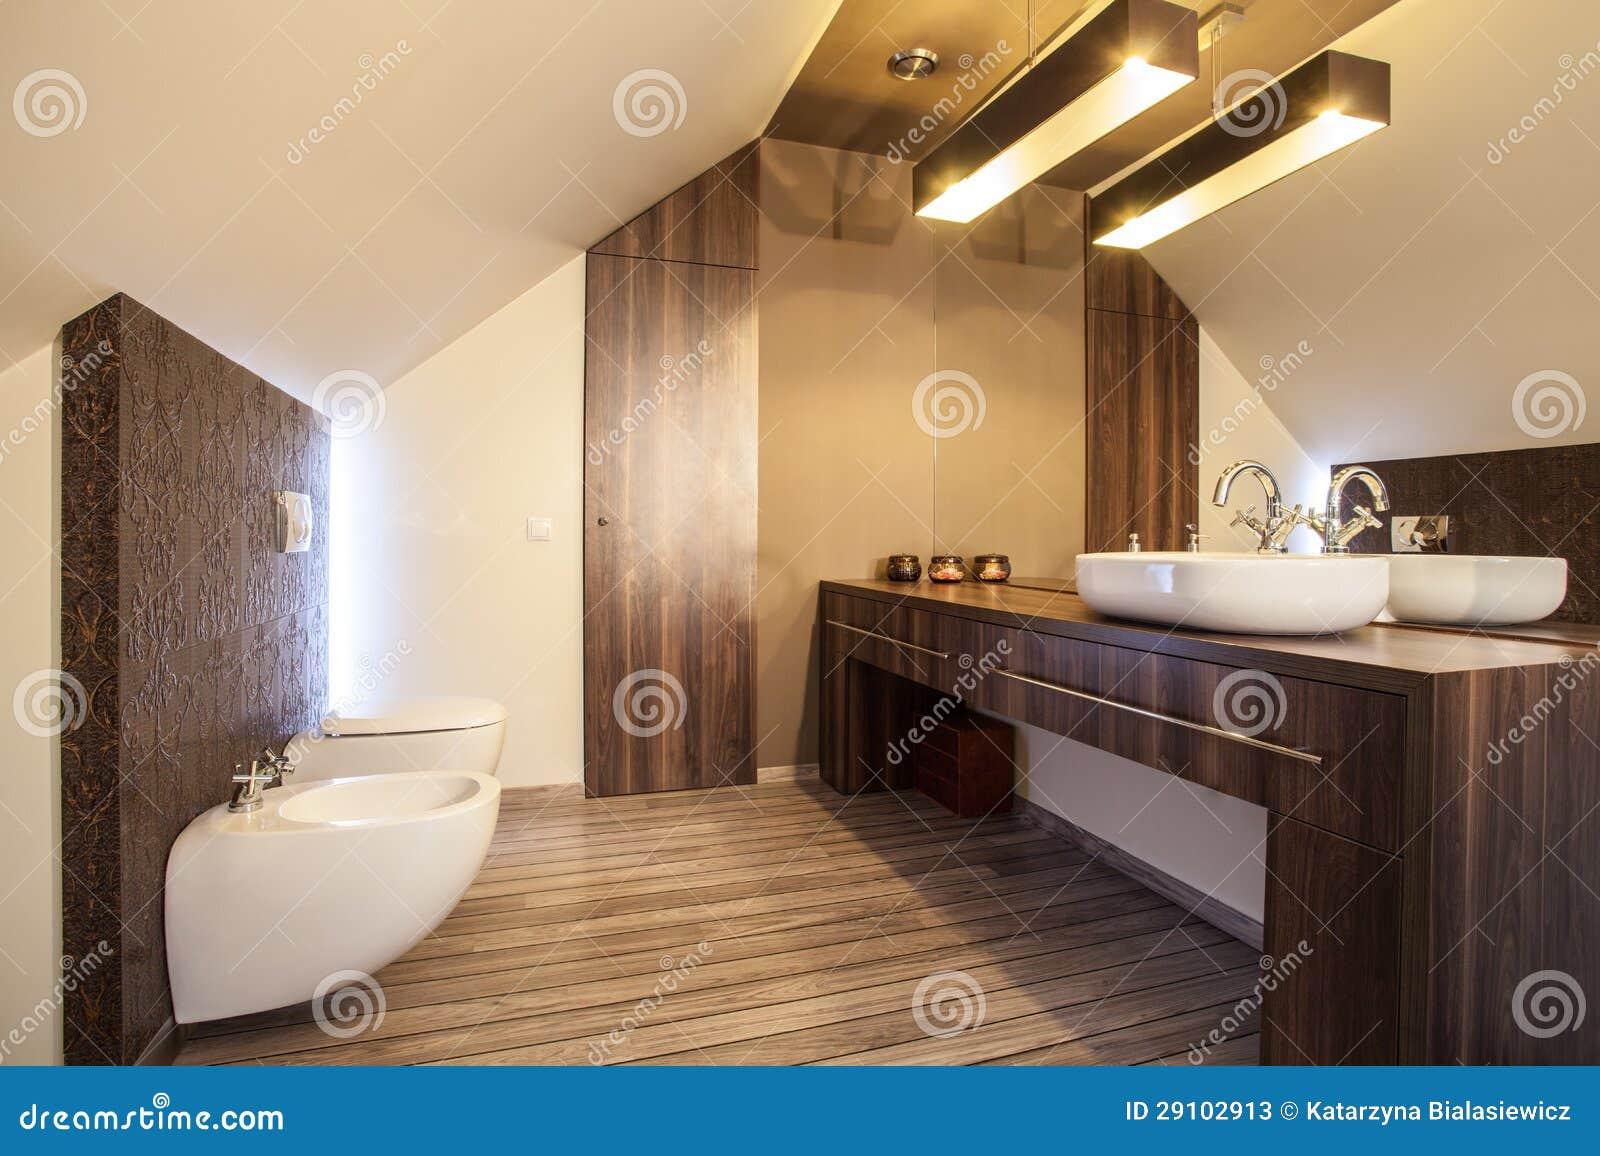 landhaus badezimmer countertop stockfotos bild 29102913